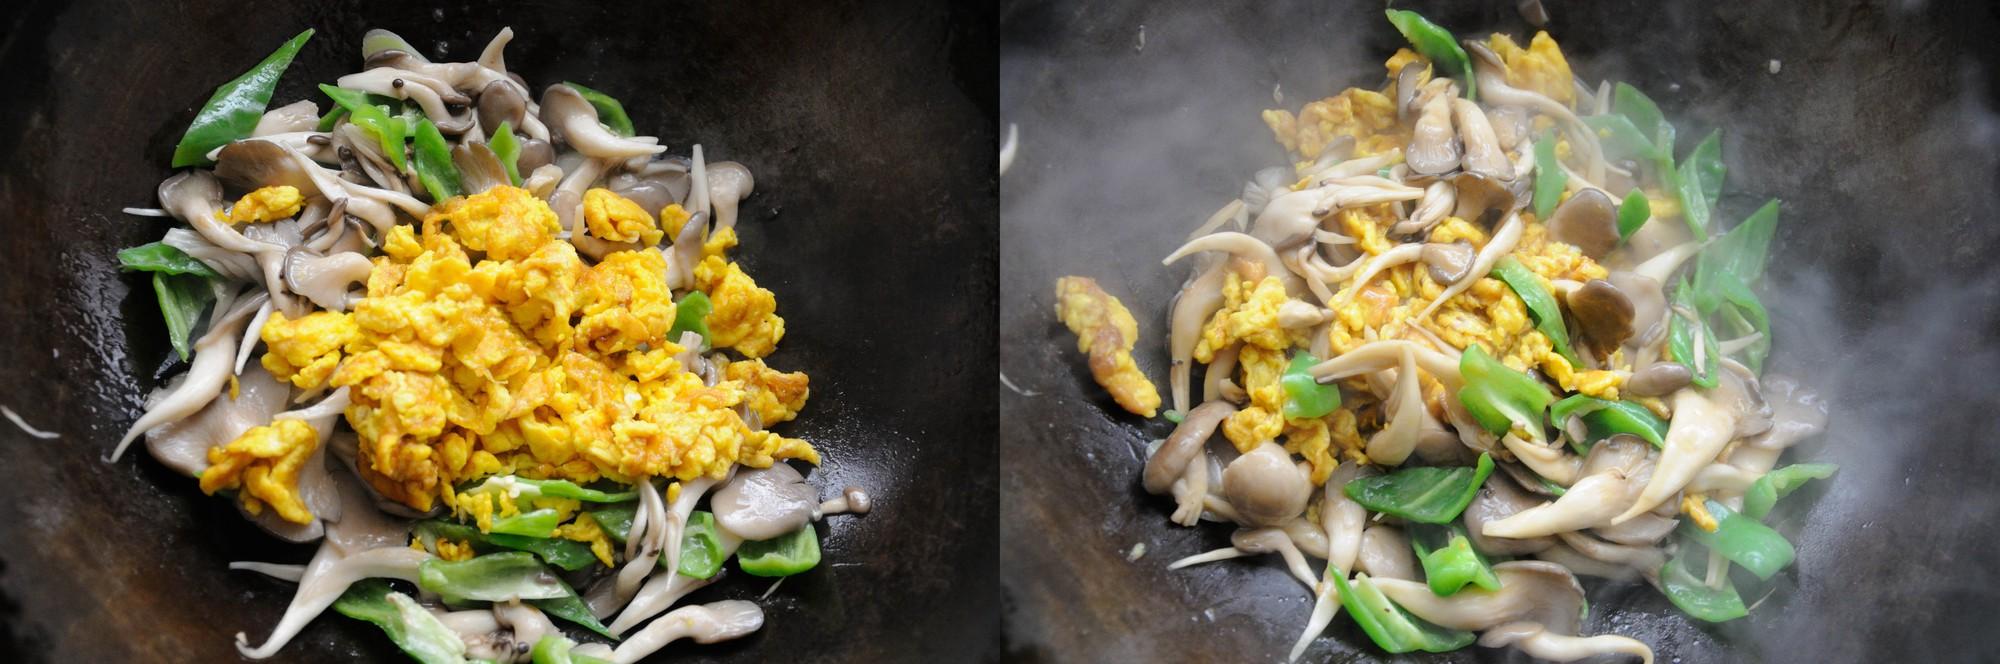 [Chế biến] – 5 phút làm nấm sò xào trứng ngon lành bổ dưỡng - Hình 4